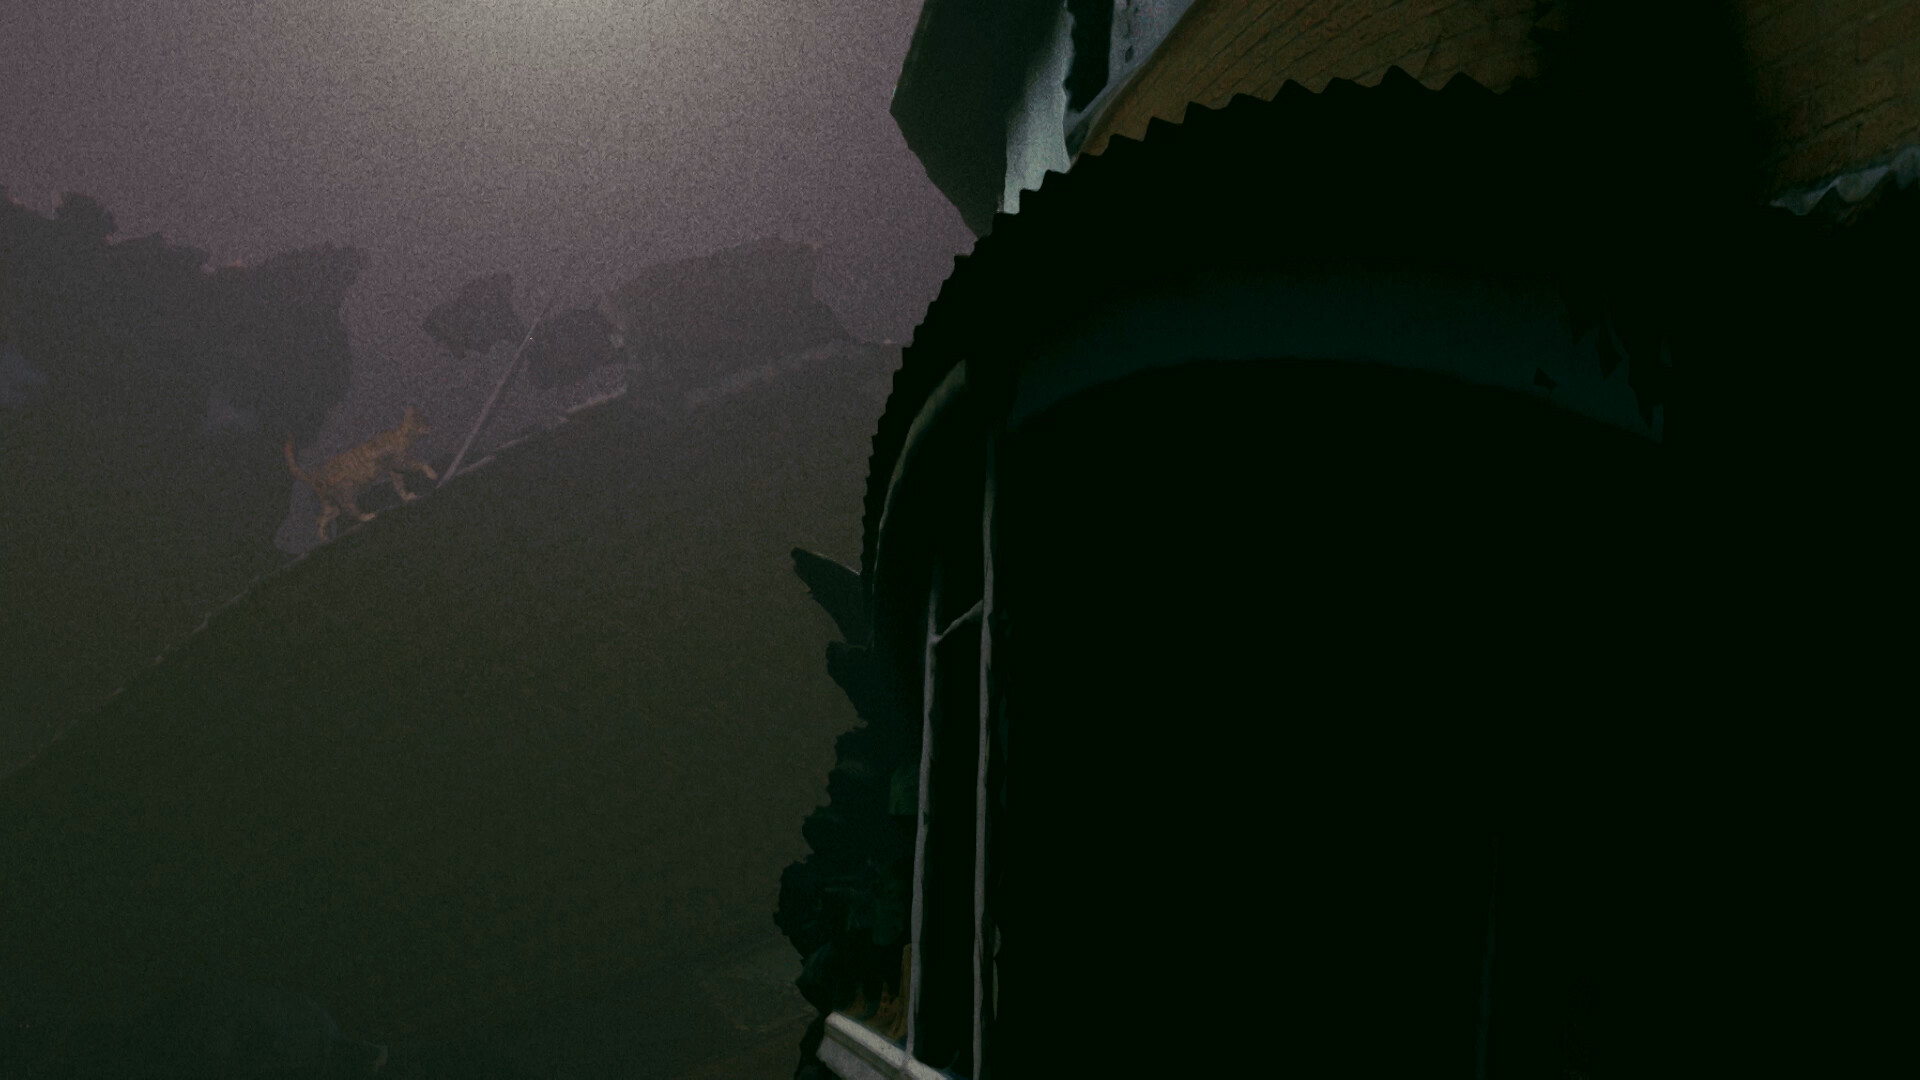 Bobby de groot stuurlooze lookdev film 2 00845